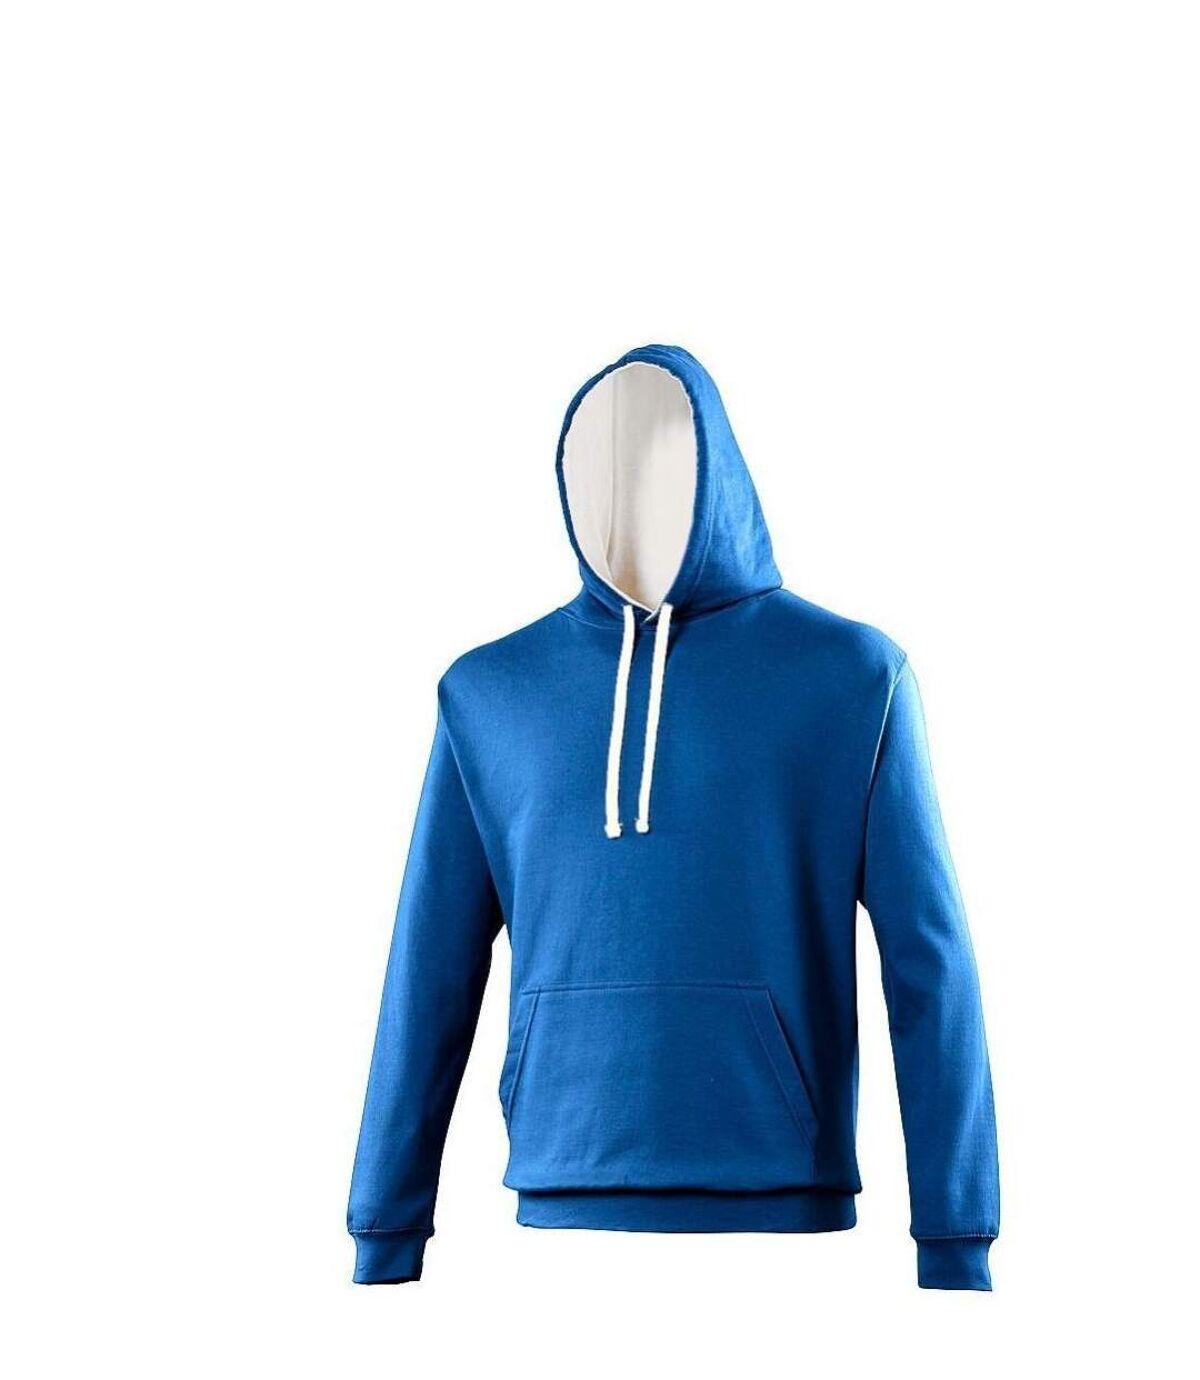 Sweat à capuche contrastée unisexe - JH003 - bleu roi et blanc